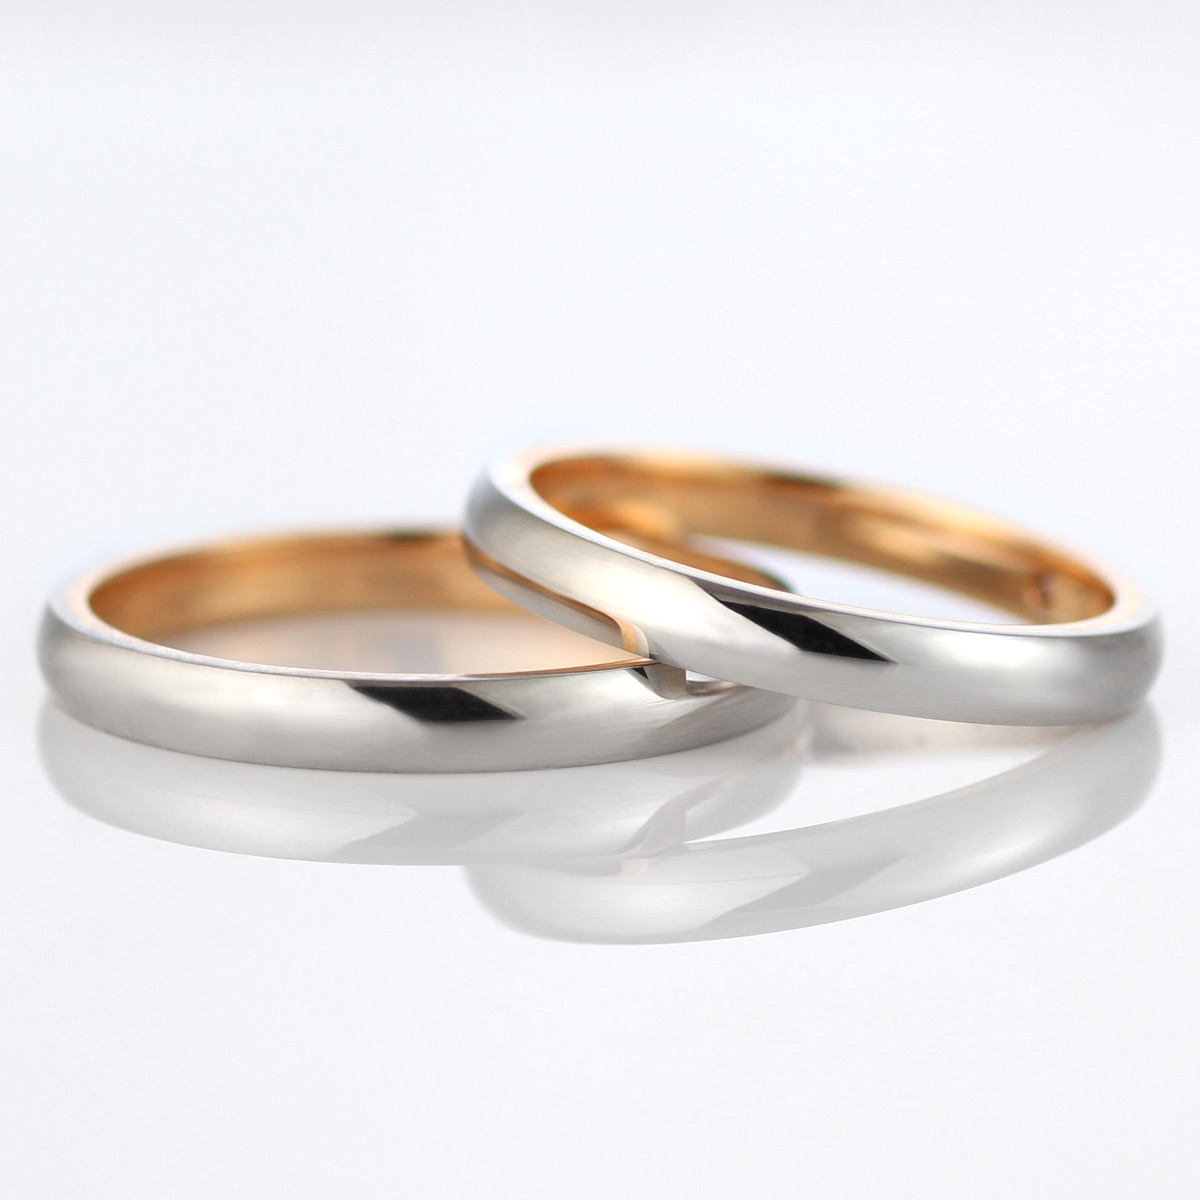 メンズリング 結婚指輪 マリッジリング ペアリング プラチナ ゴールド 2本セット